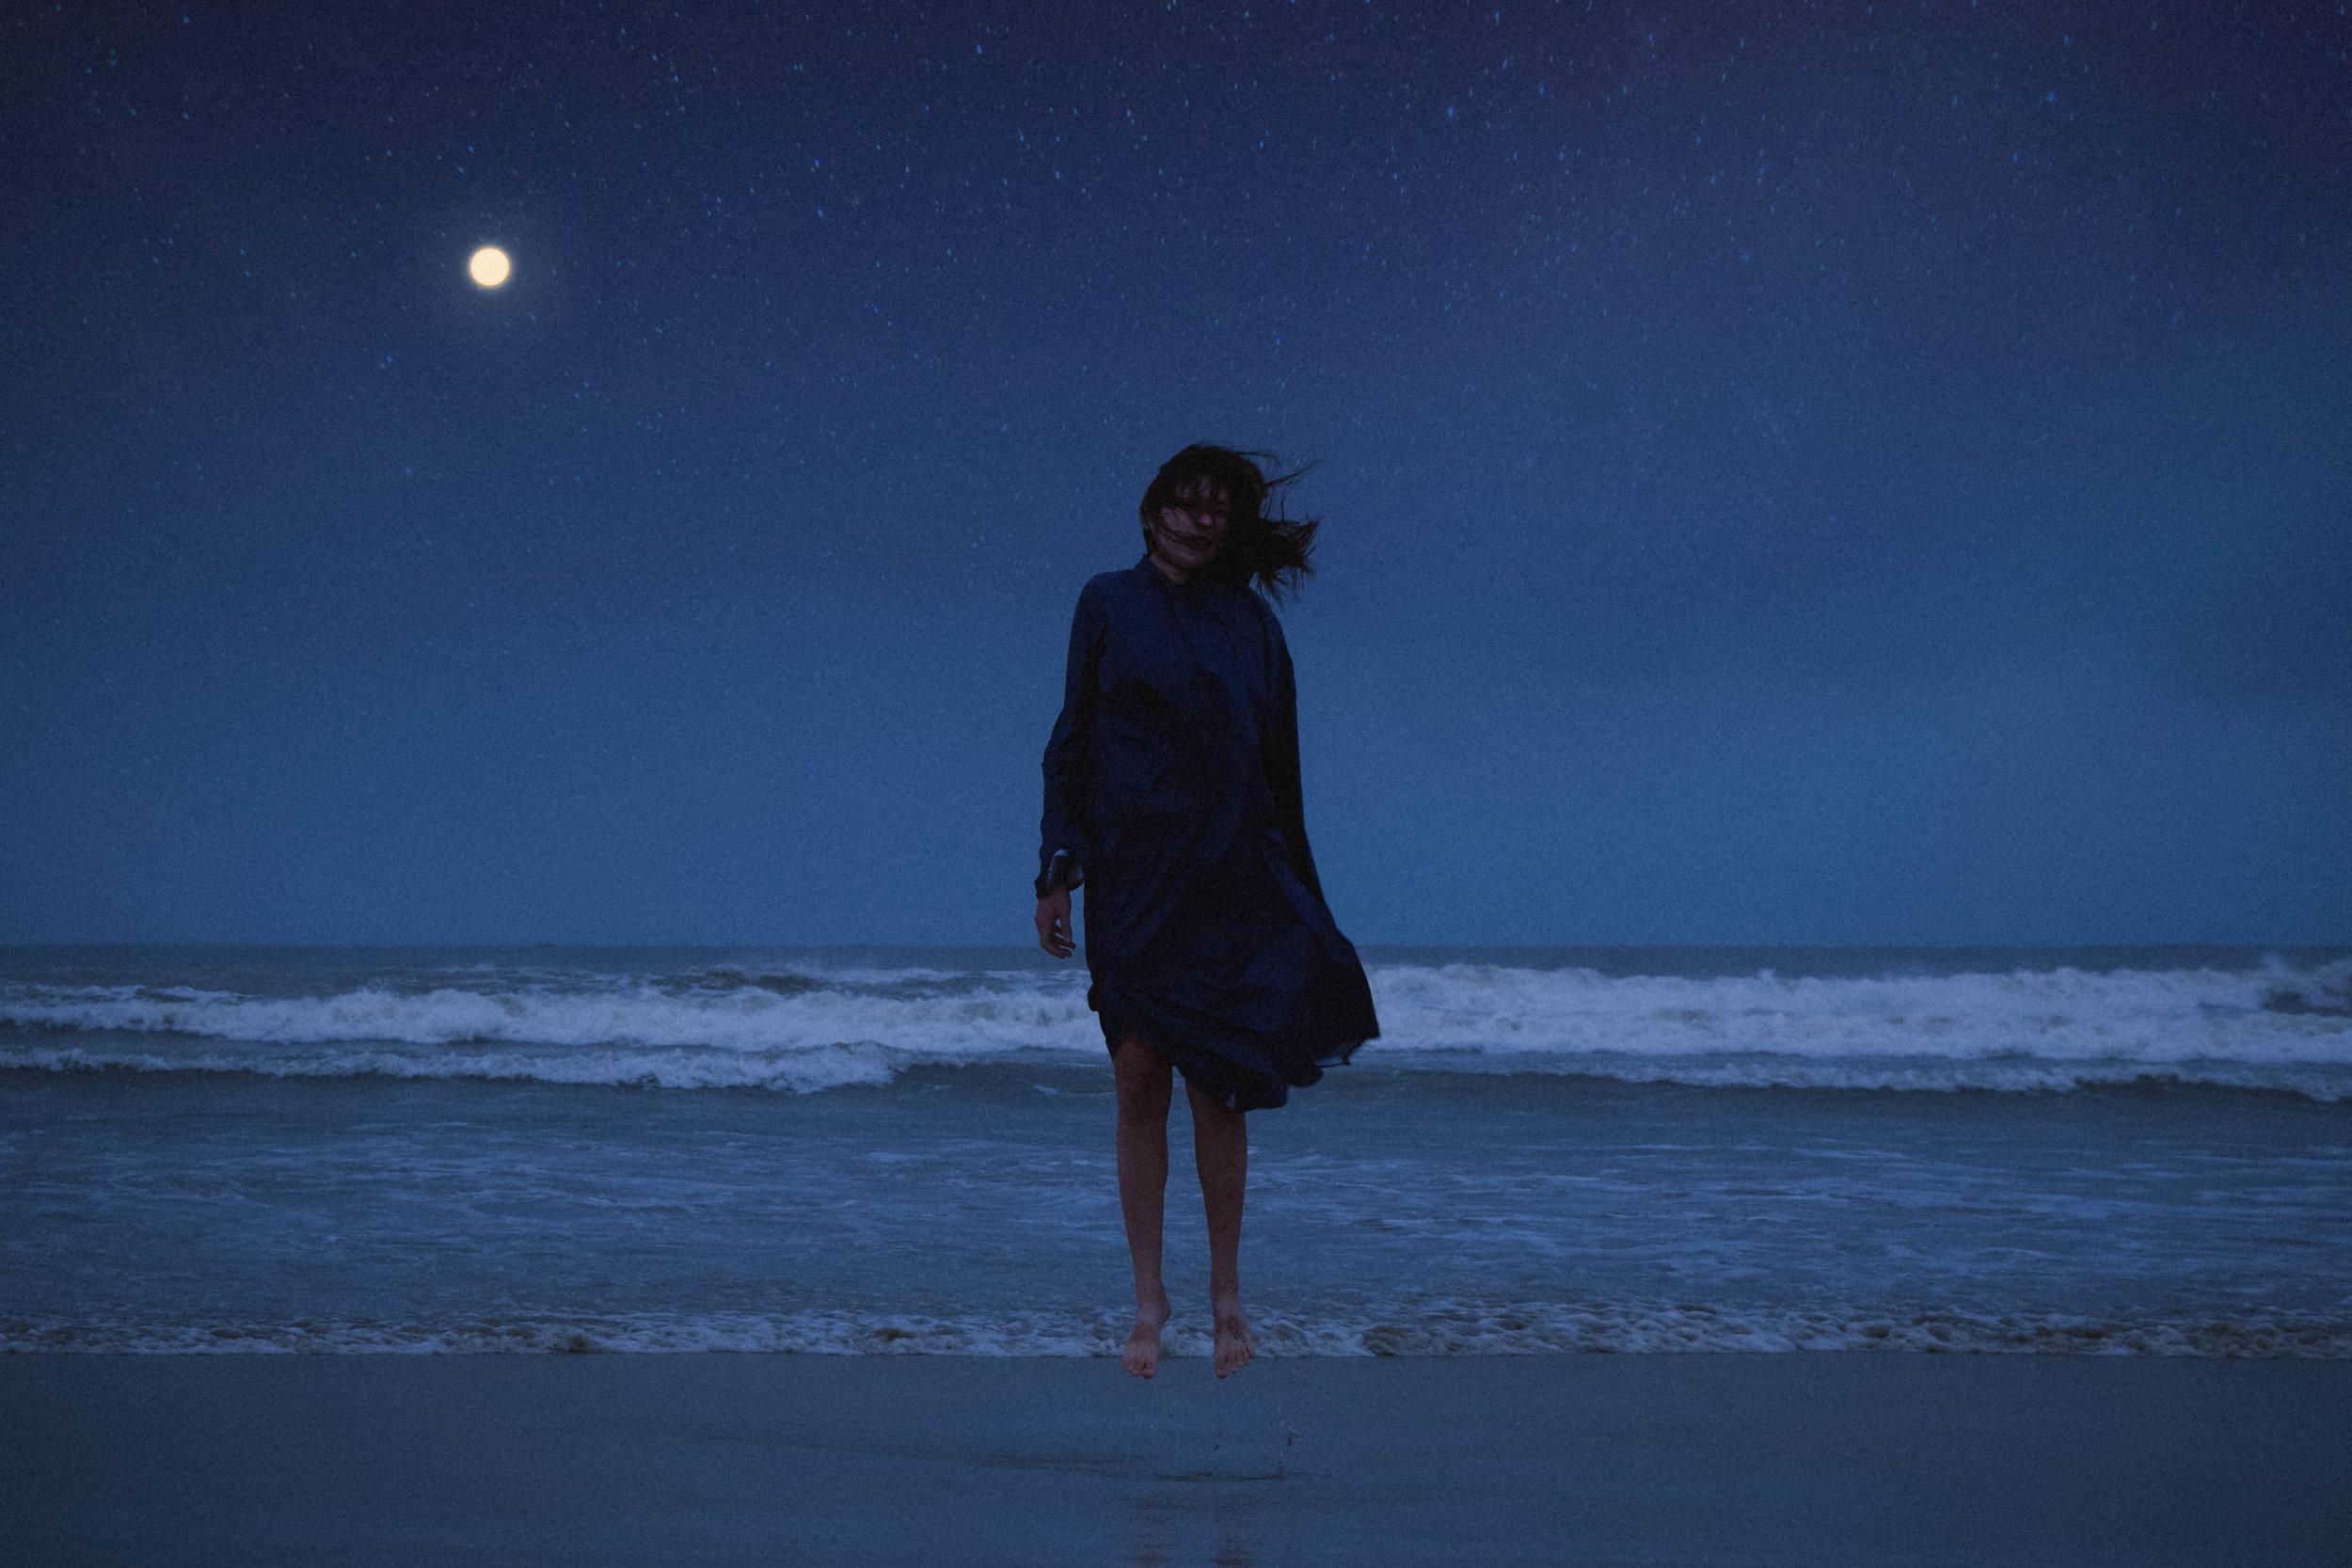 Da nang beach at night